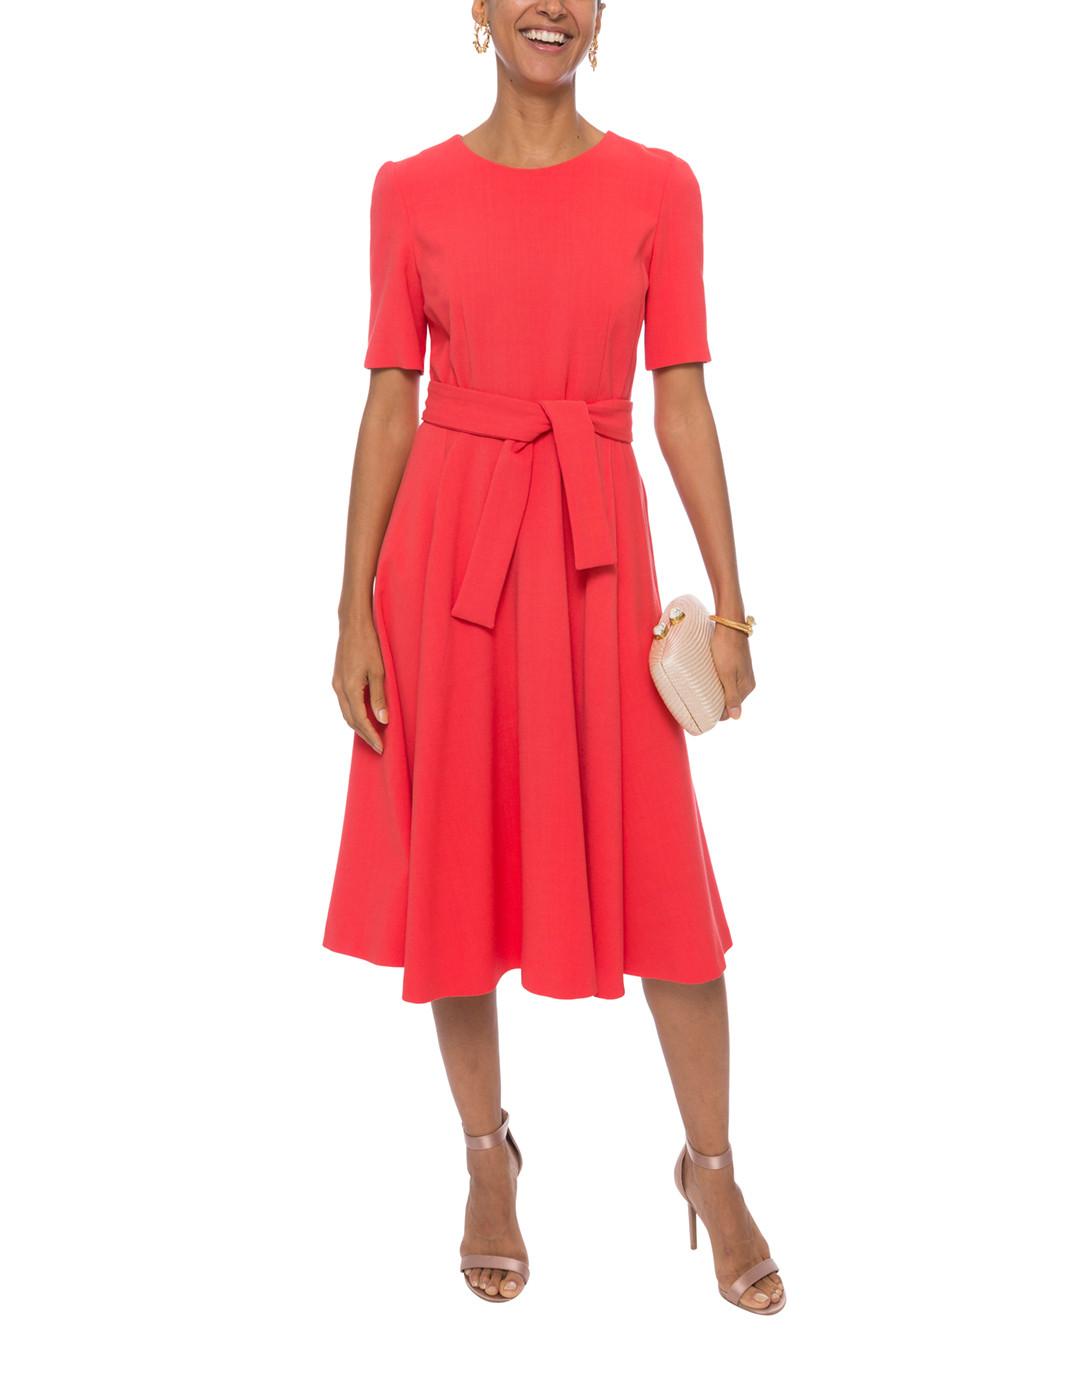 en présentant la moitié San Francisco Coral Stretch Crepe Dress